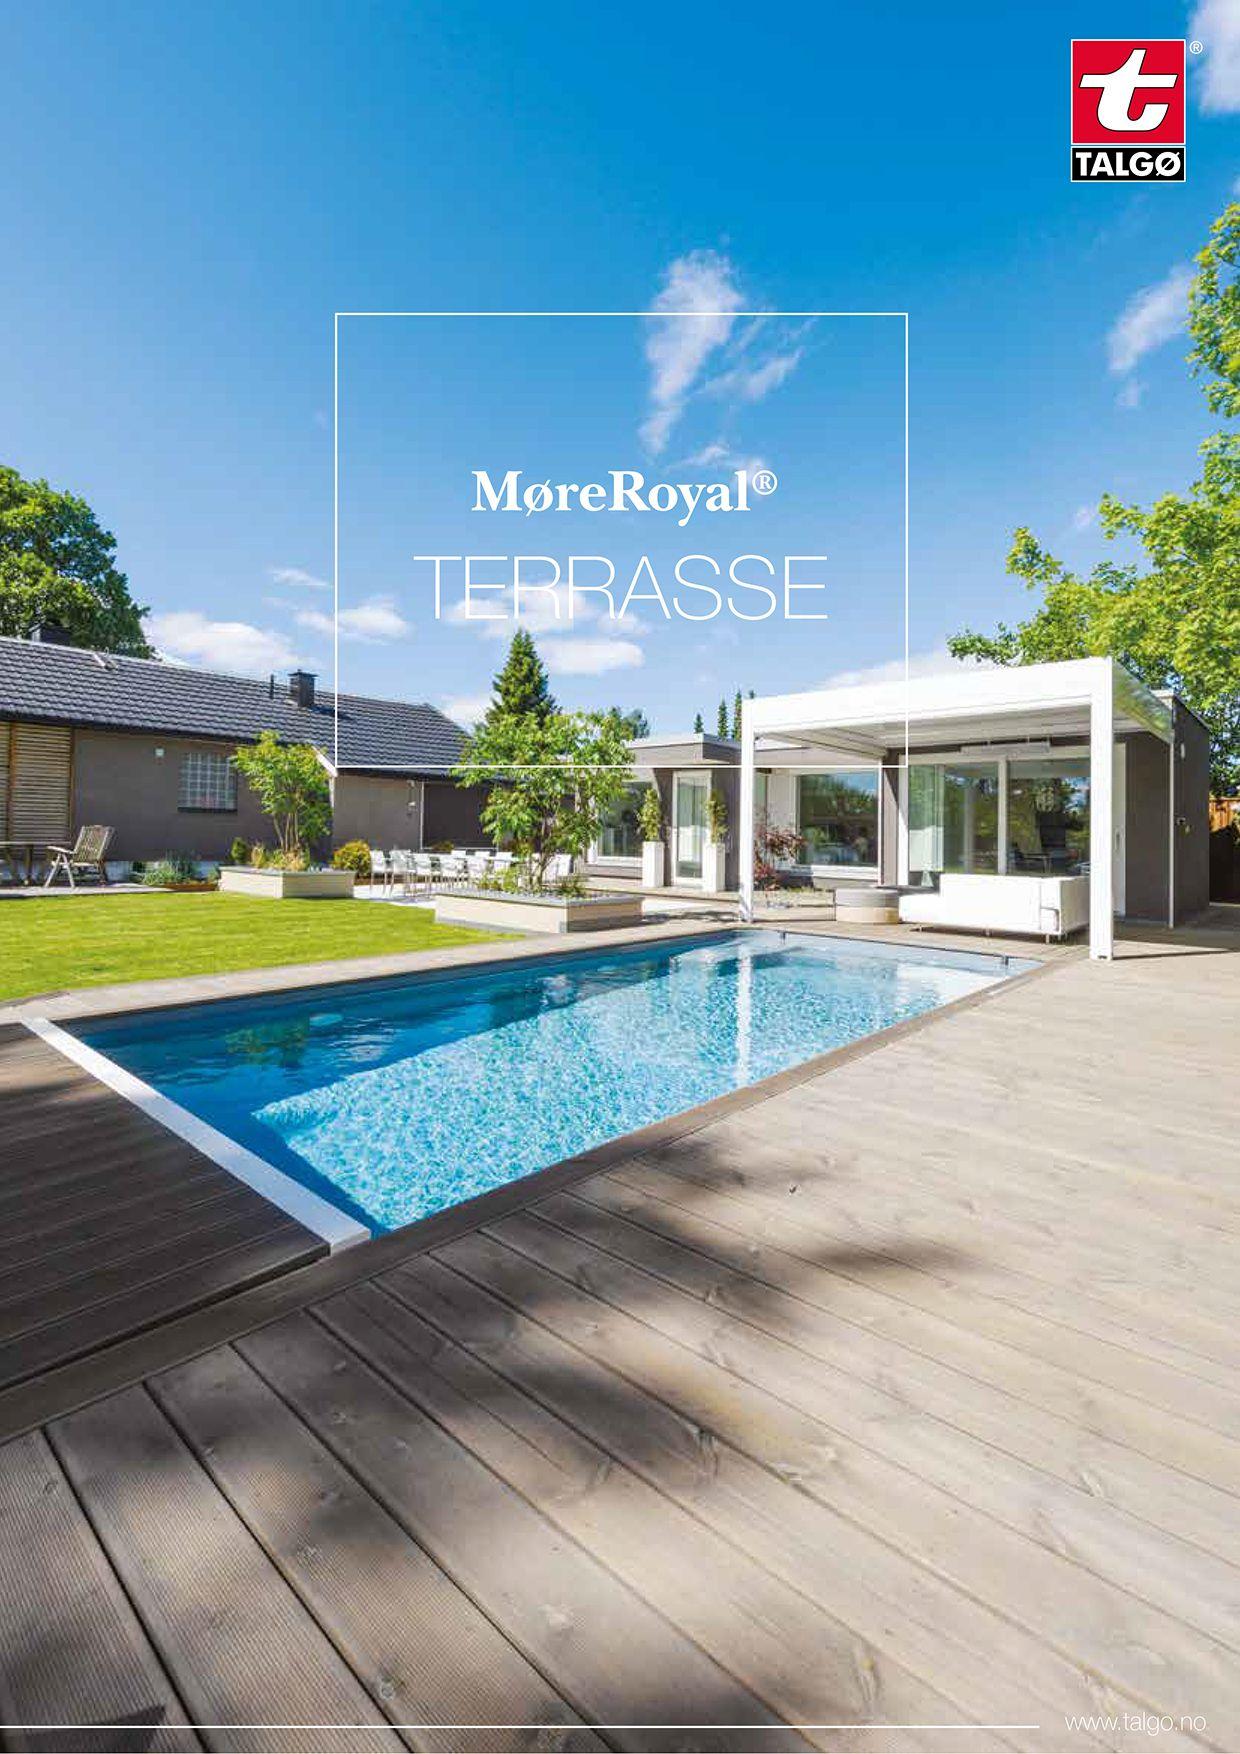 Terrassebord i MøreRoyal® er dobbeltbehandlet med impregnering og olje som gir terrassebordene unike egenskaper og mindre flising og sprekking.